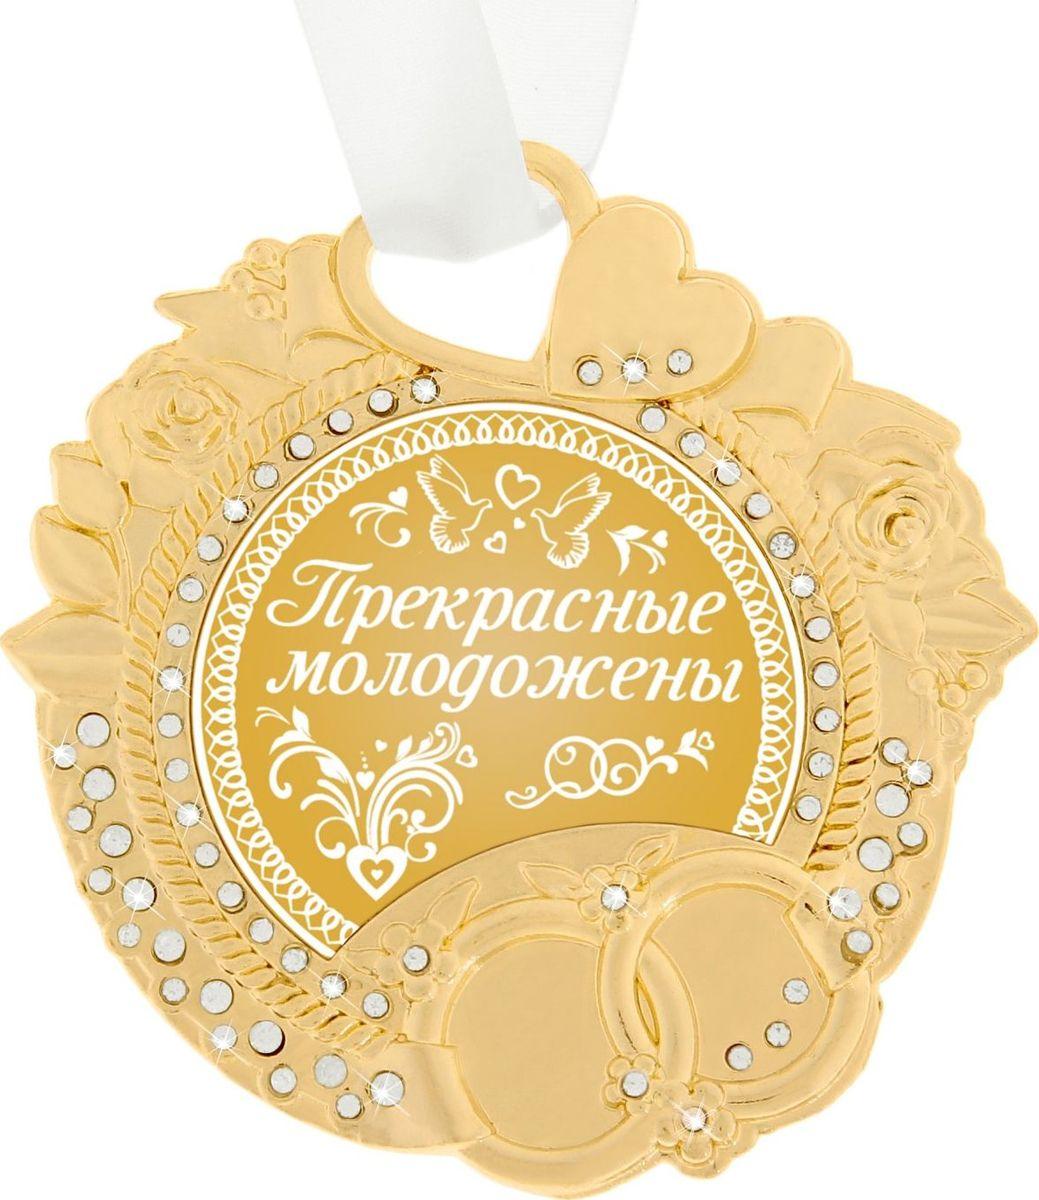 Медаль сувенирная Прекрасные молодожены, 8 х 8,5 см675404Медаль свадебная металл Прекрасные молодожены 8*8.5 см с романтическим дизайном в духе свадебного торжества- отличный сувенир как для молодоженов, так и для семейных пар, отмечающих годовщину бракосочетания. Металлическая медаль с гравировкой и теплым пожеланием на оборотной стороне инкрустирована стразами, хранится в удобной коробочке пастельных тонов с атласным подкладом. Такой подарок не оставит равнодушным даже самых взыскательных особ, ведь это память о самом счастливом дне в жизни.